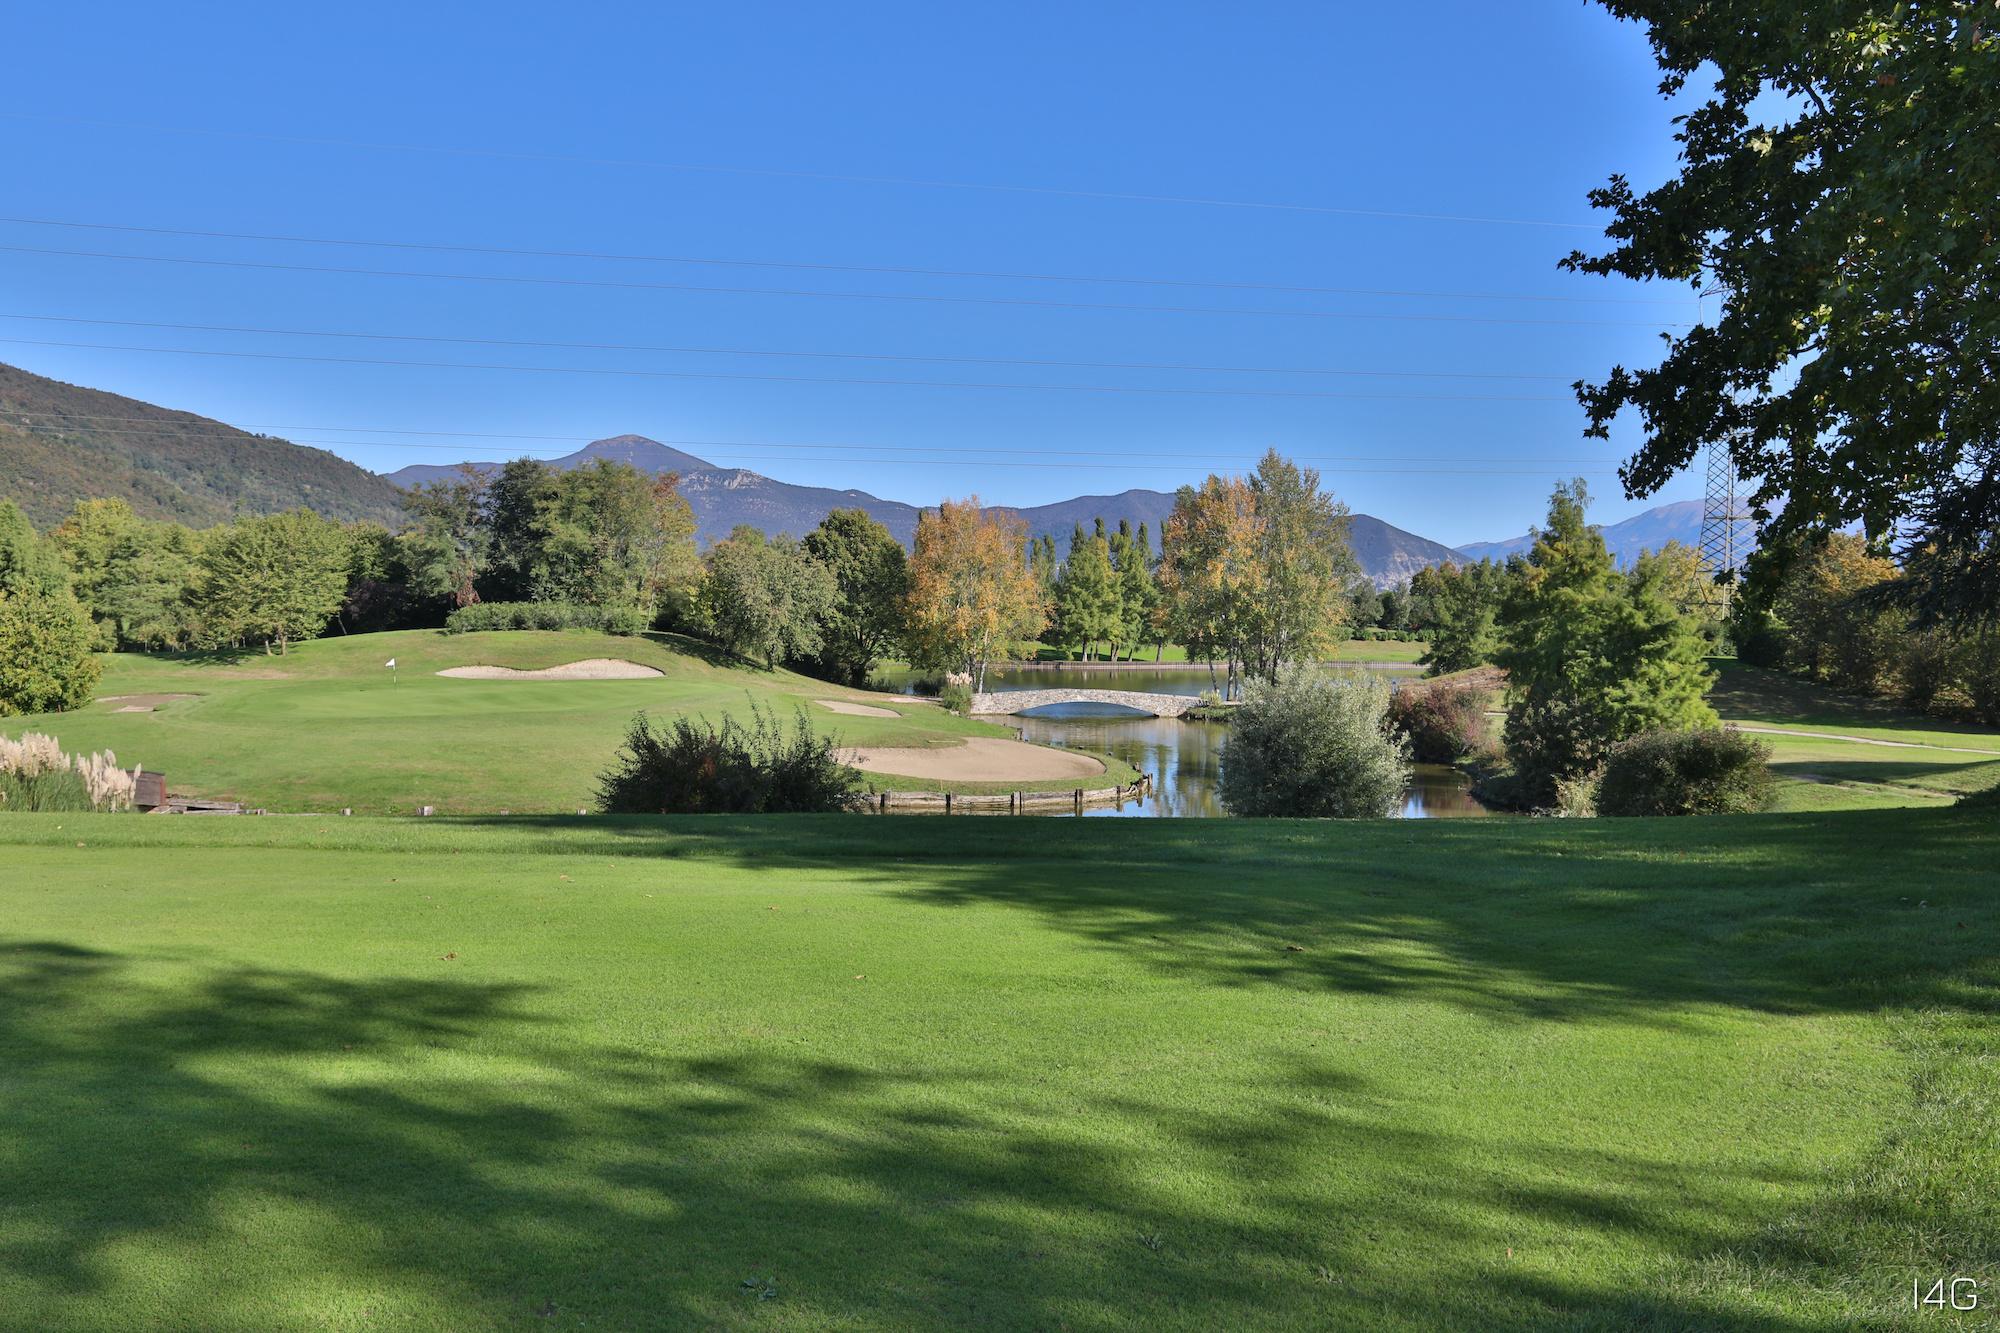 franciacorta-golf-club-italy4golf